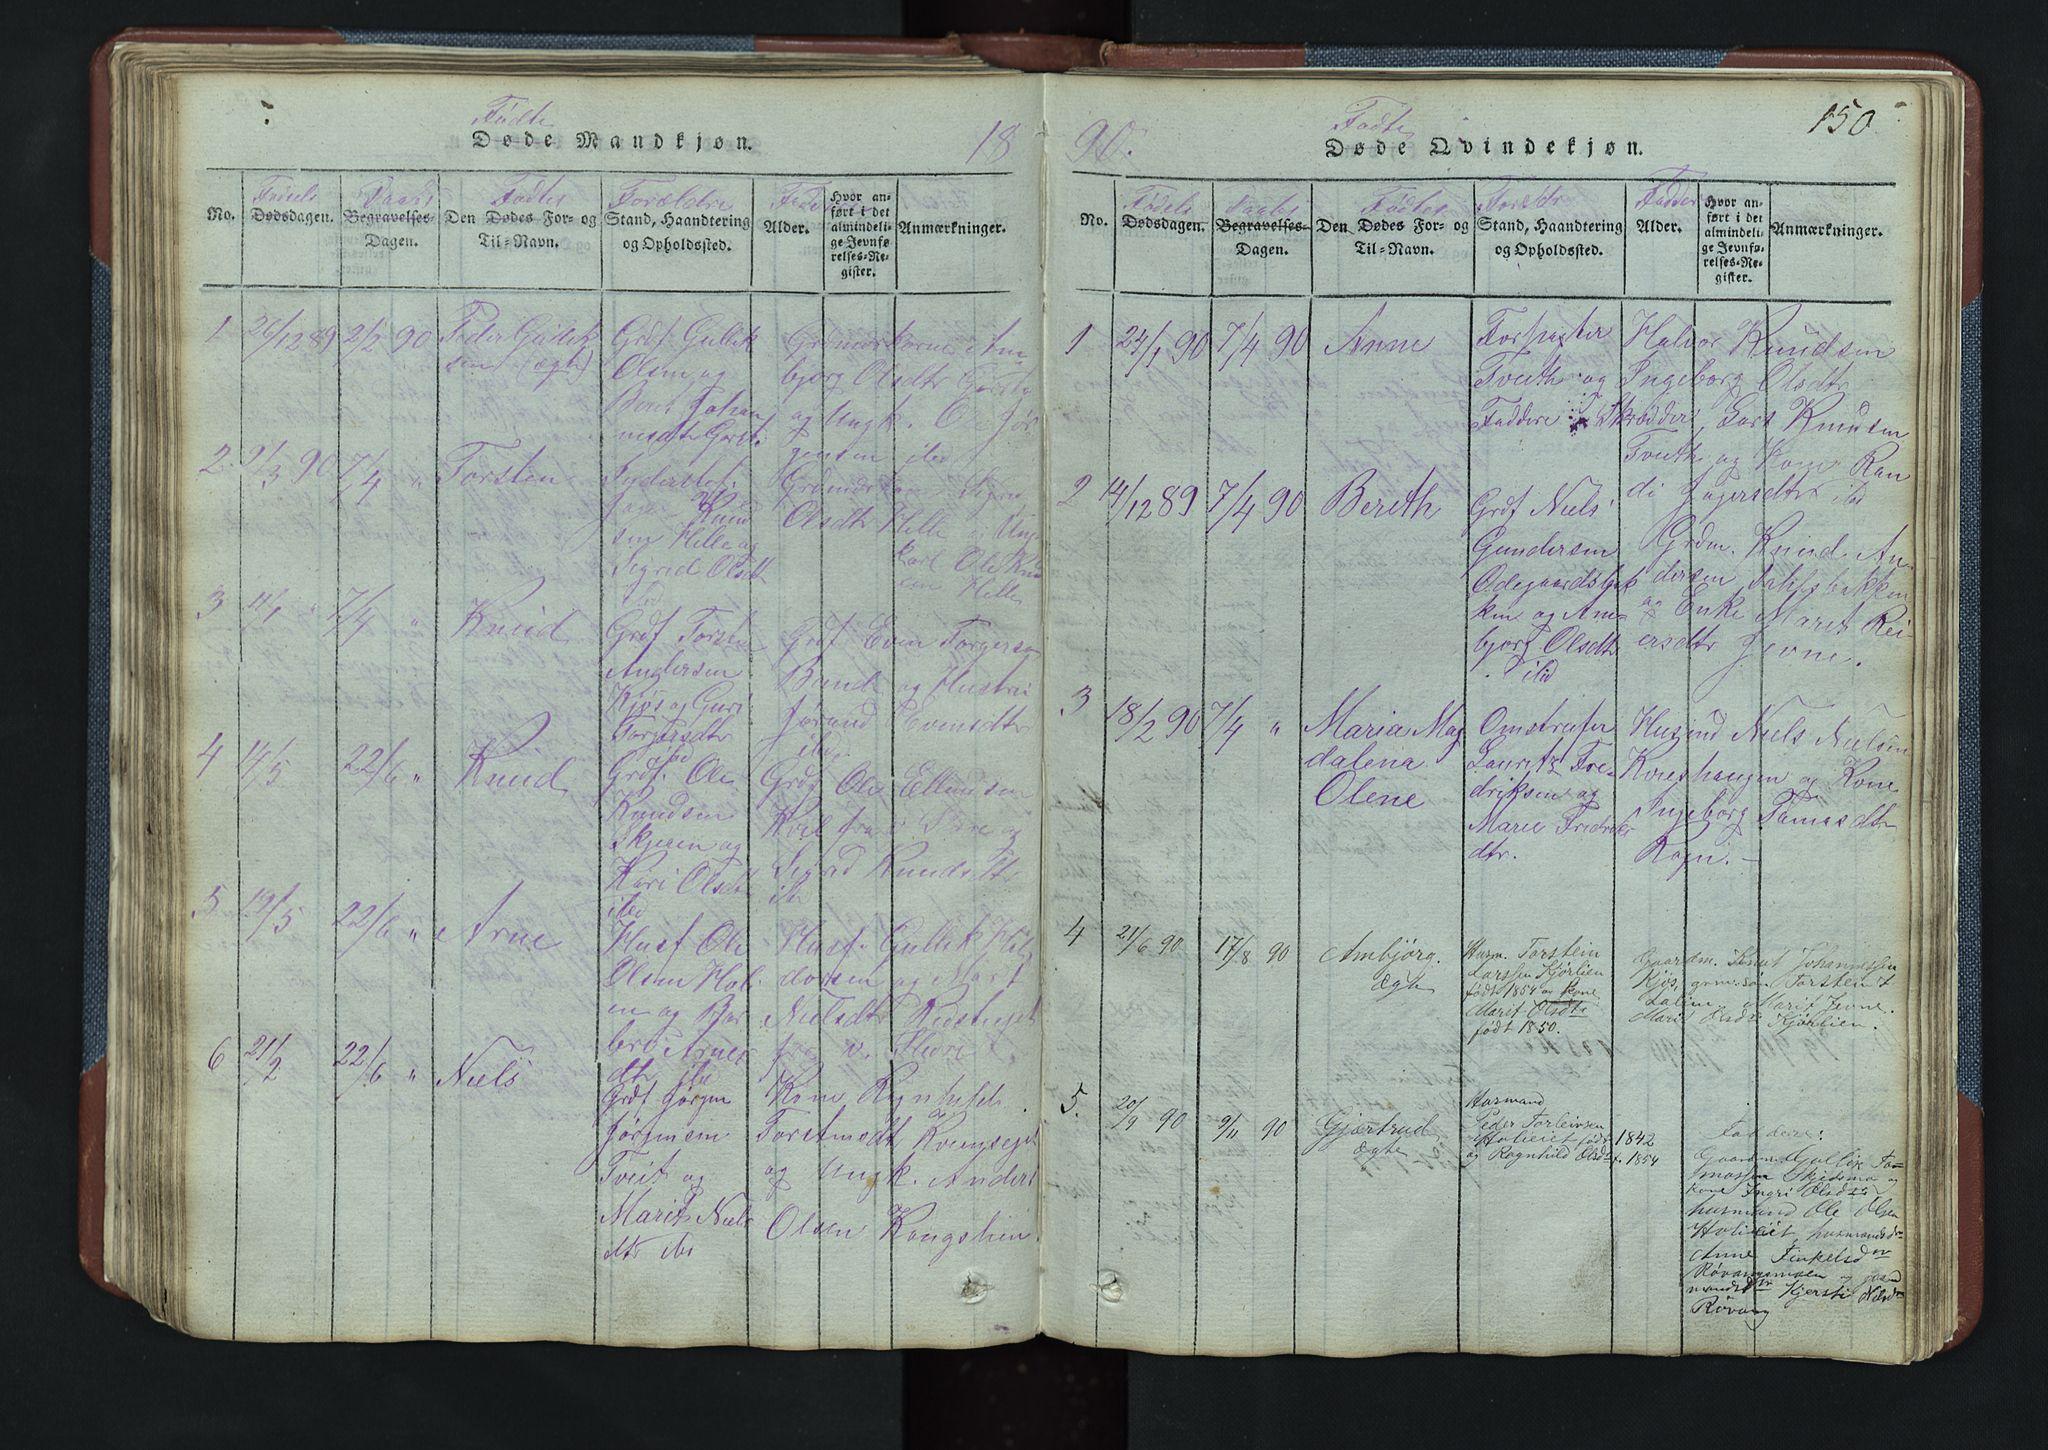 SAH, Vang prestekontor, Valdres, Klokkerbok nr. 3, 1814-1892, s. 150